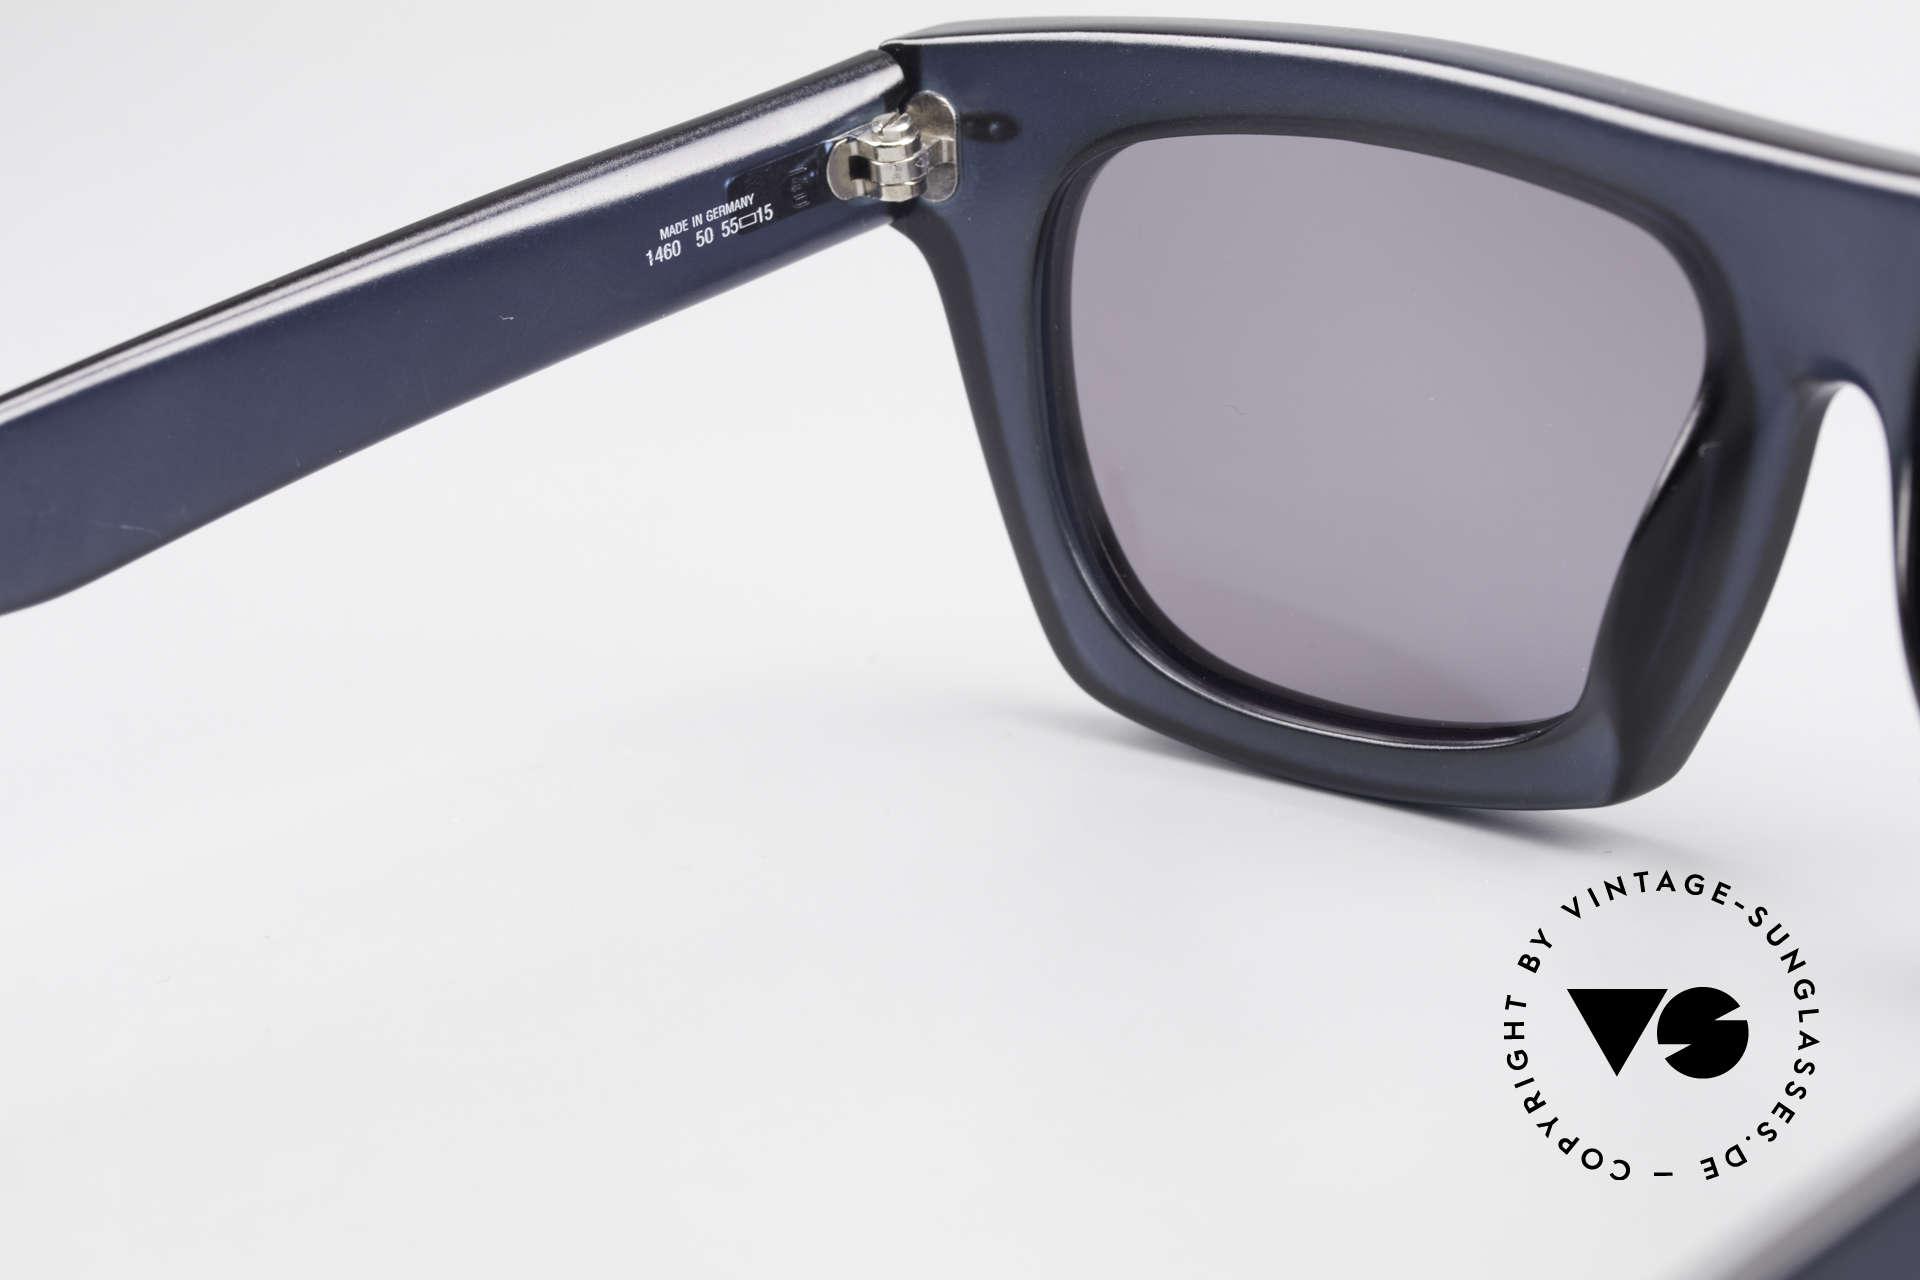 Paloma Picasso 1460 90er Original Designerbrille, KEINE Retrobrille, sondern ein 90er Jahre Original, Passend für Herren und Damen